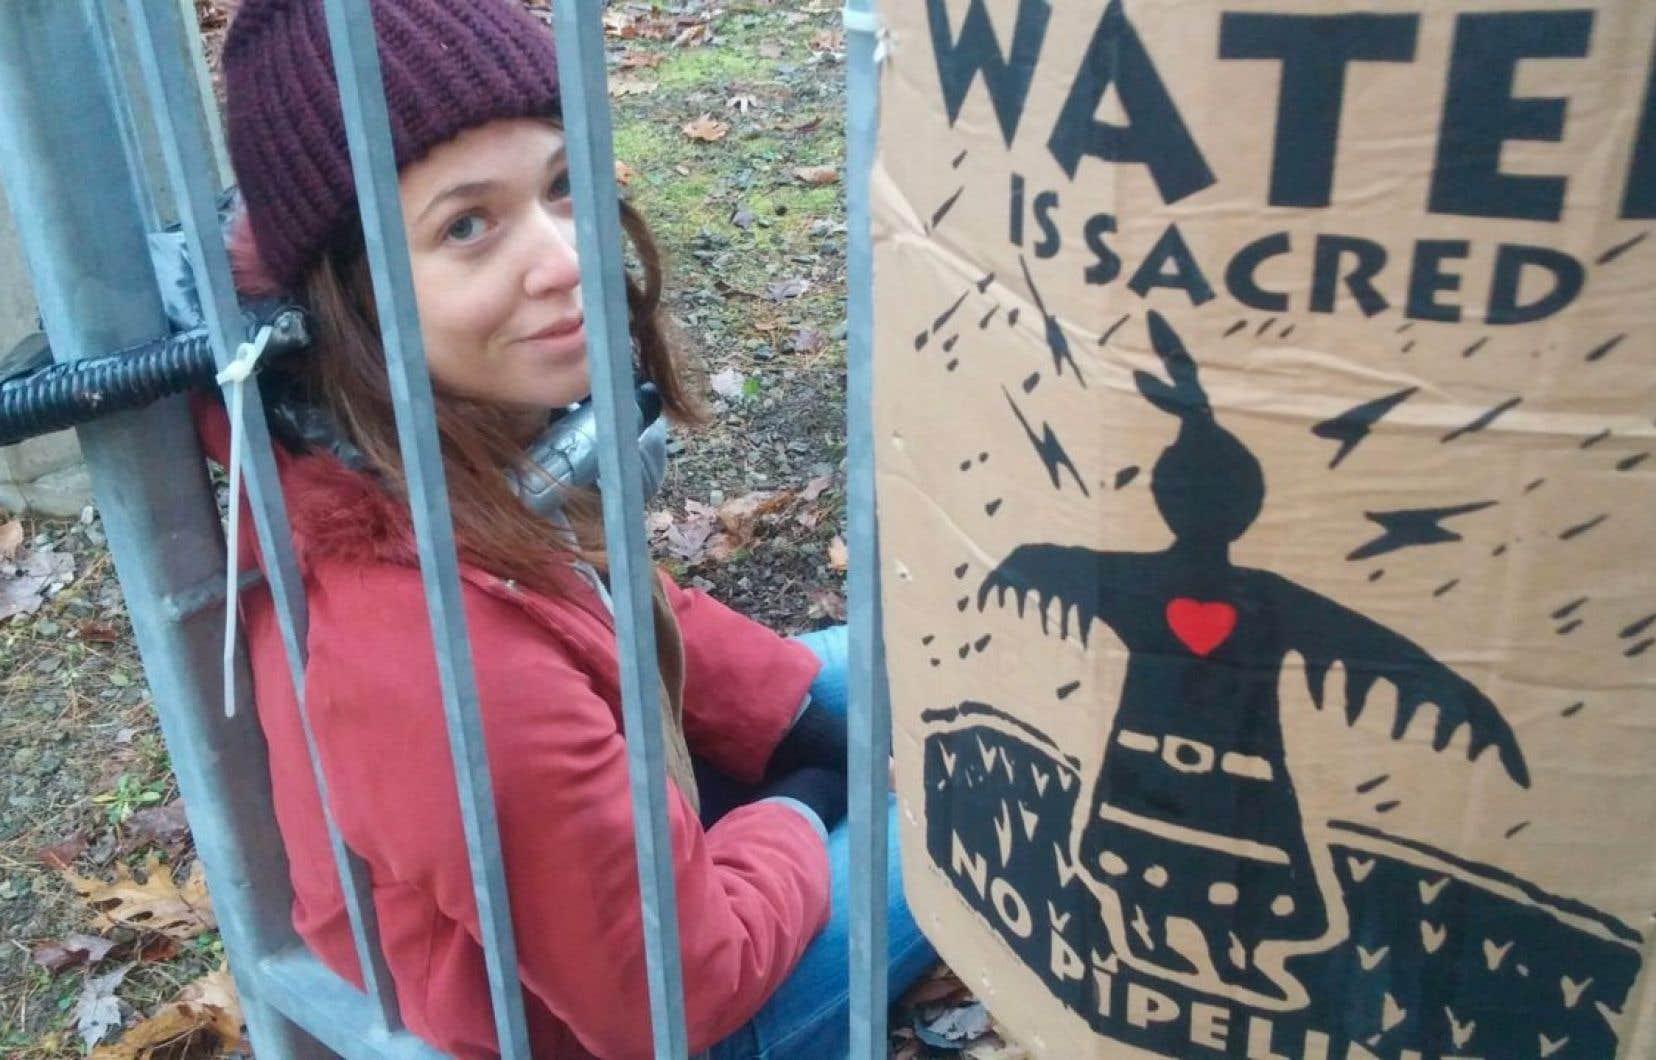 Les militantes exigent la fermeture «immédiate» du pipeline, jugeant qu'il pose des risques pour la protection de l'eau potable dans la région de Montréal.